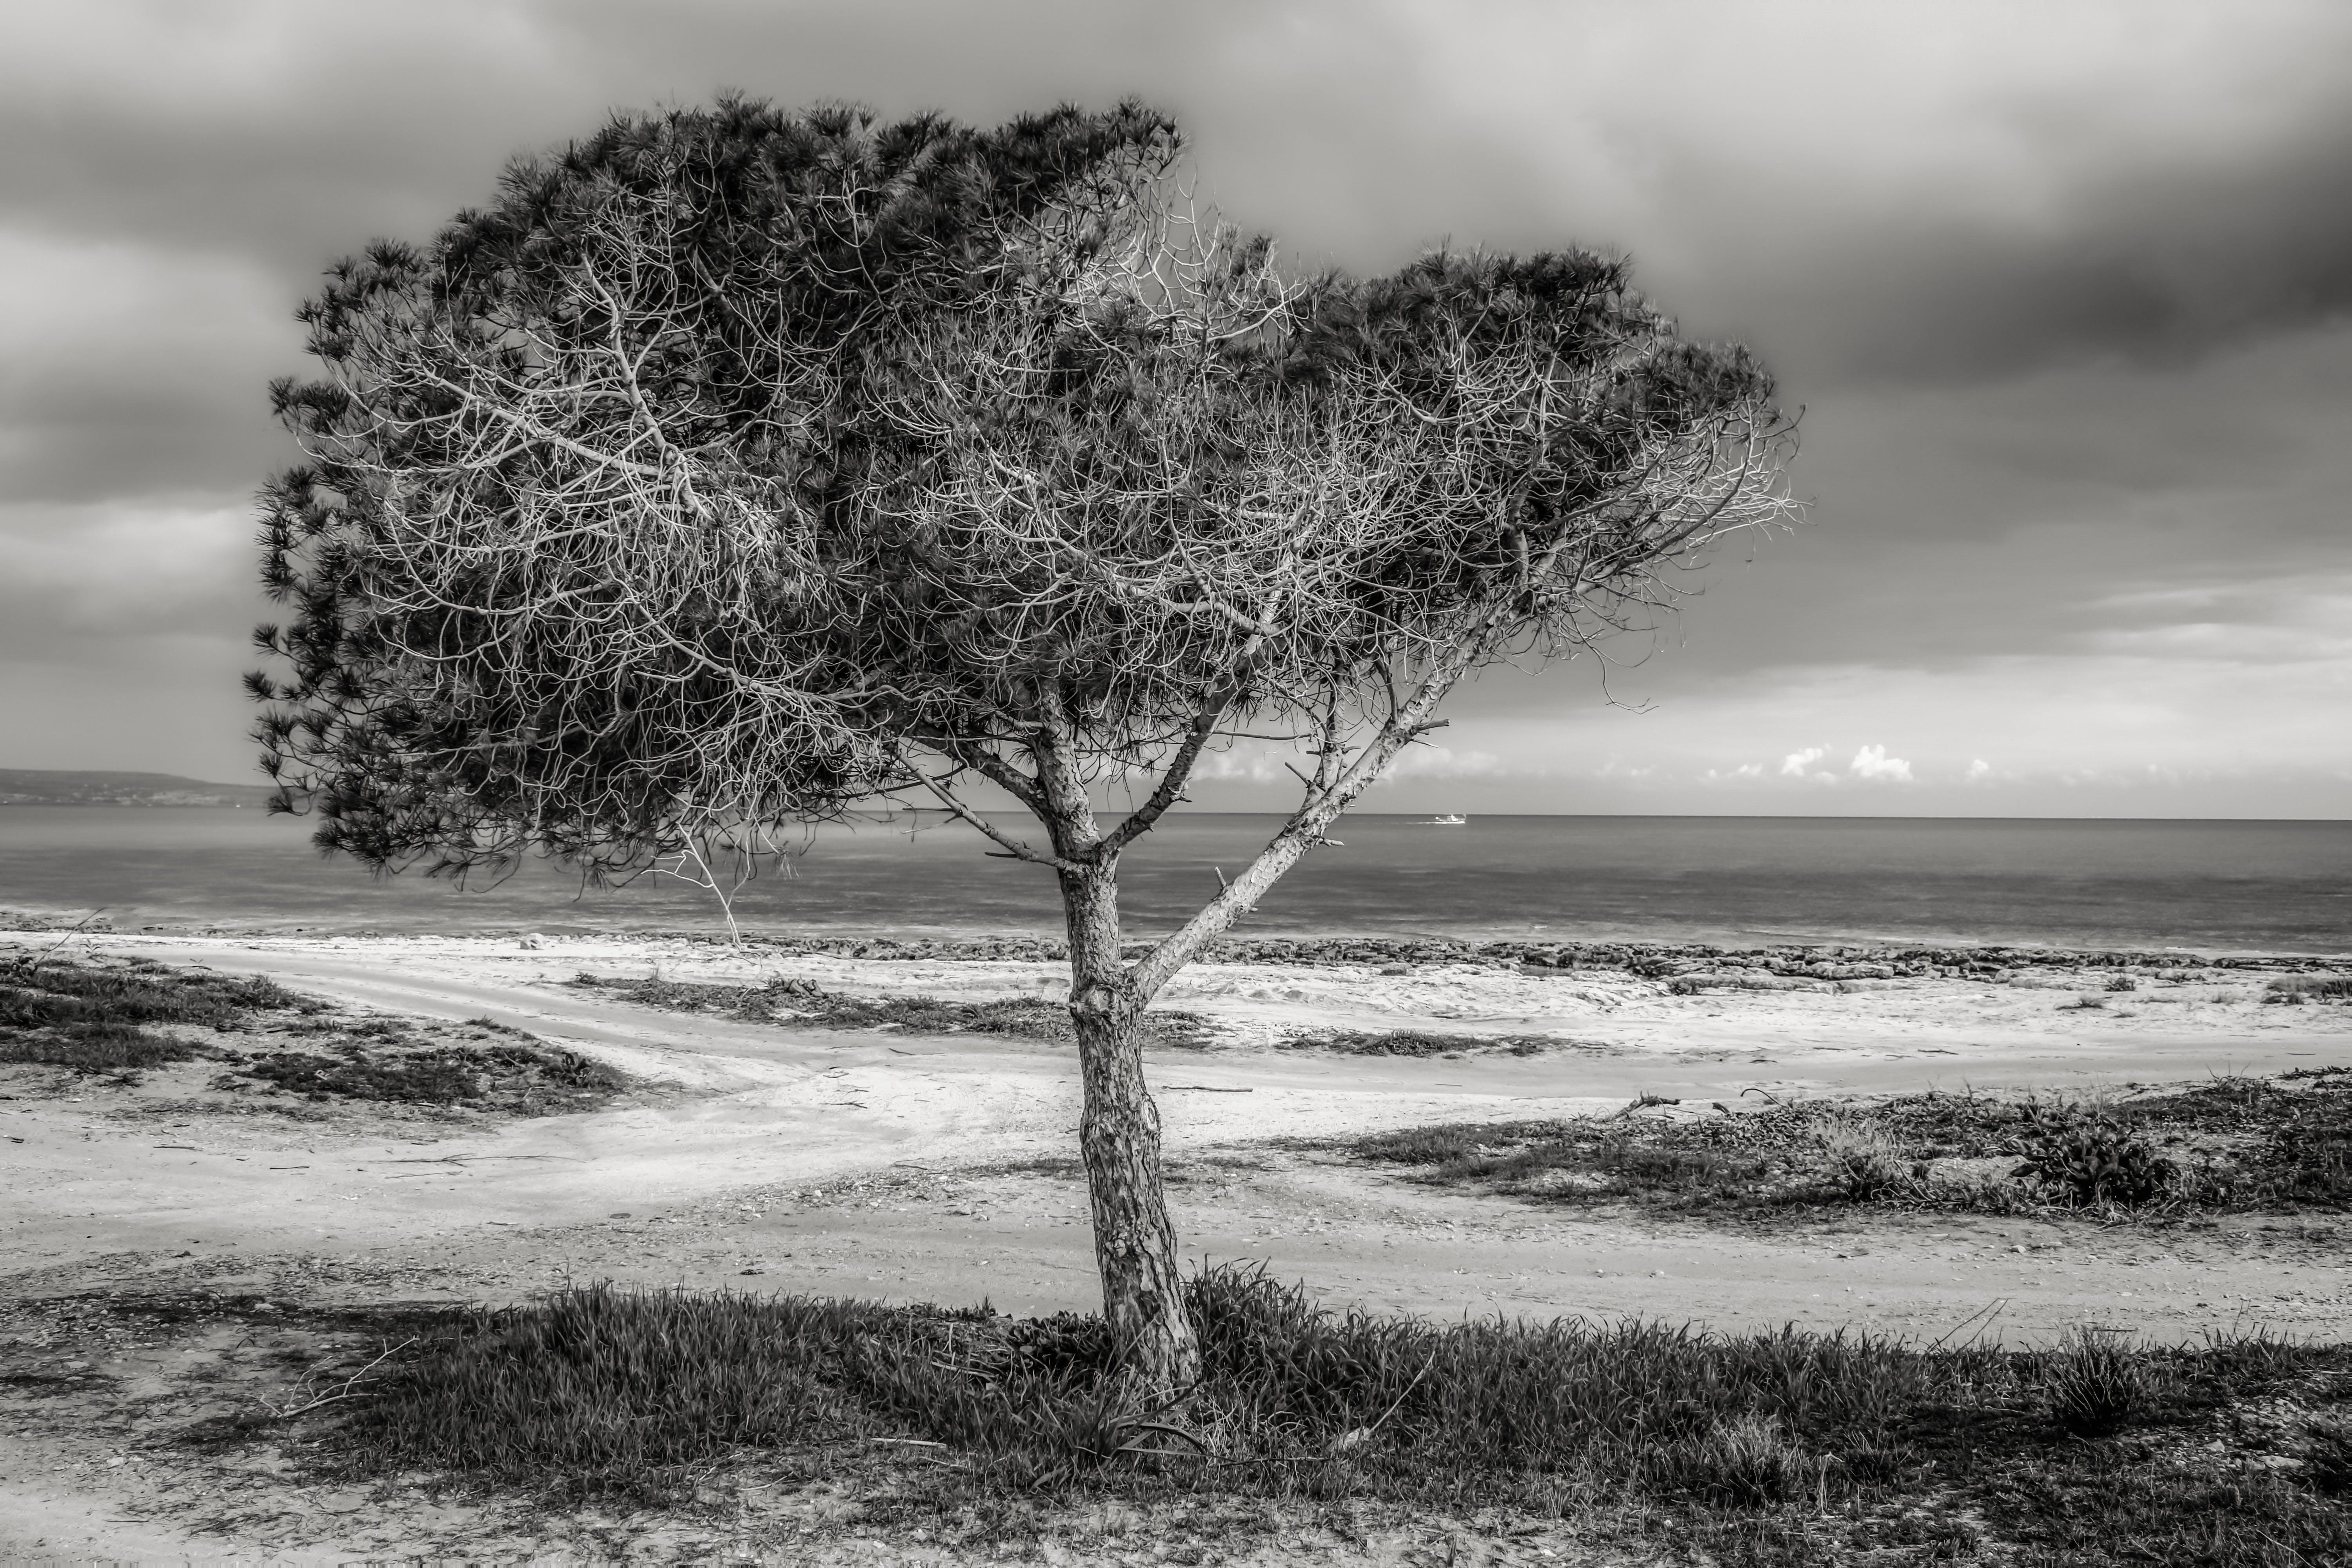 冬季, 冷靜, 反射, 和平的 的 免費圖庫相片